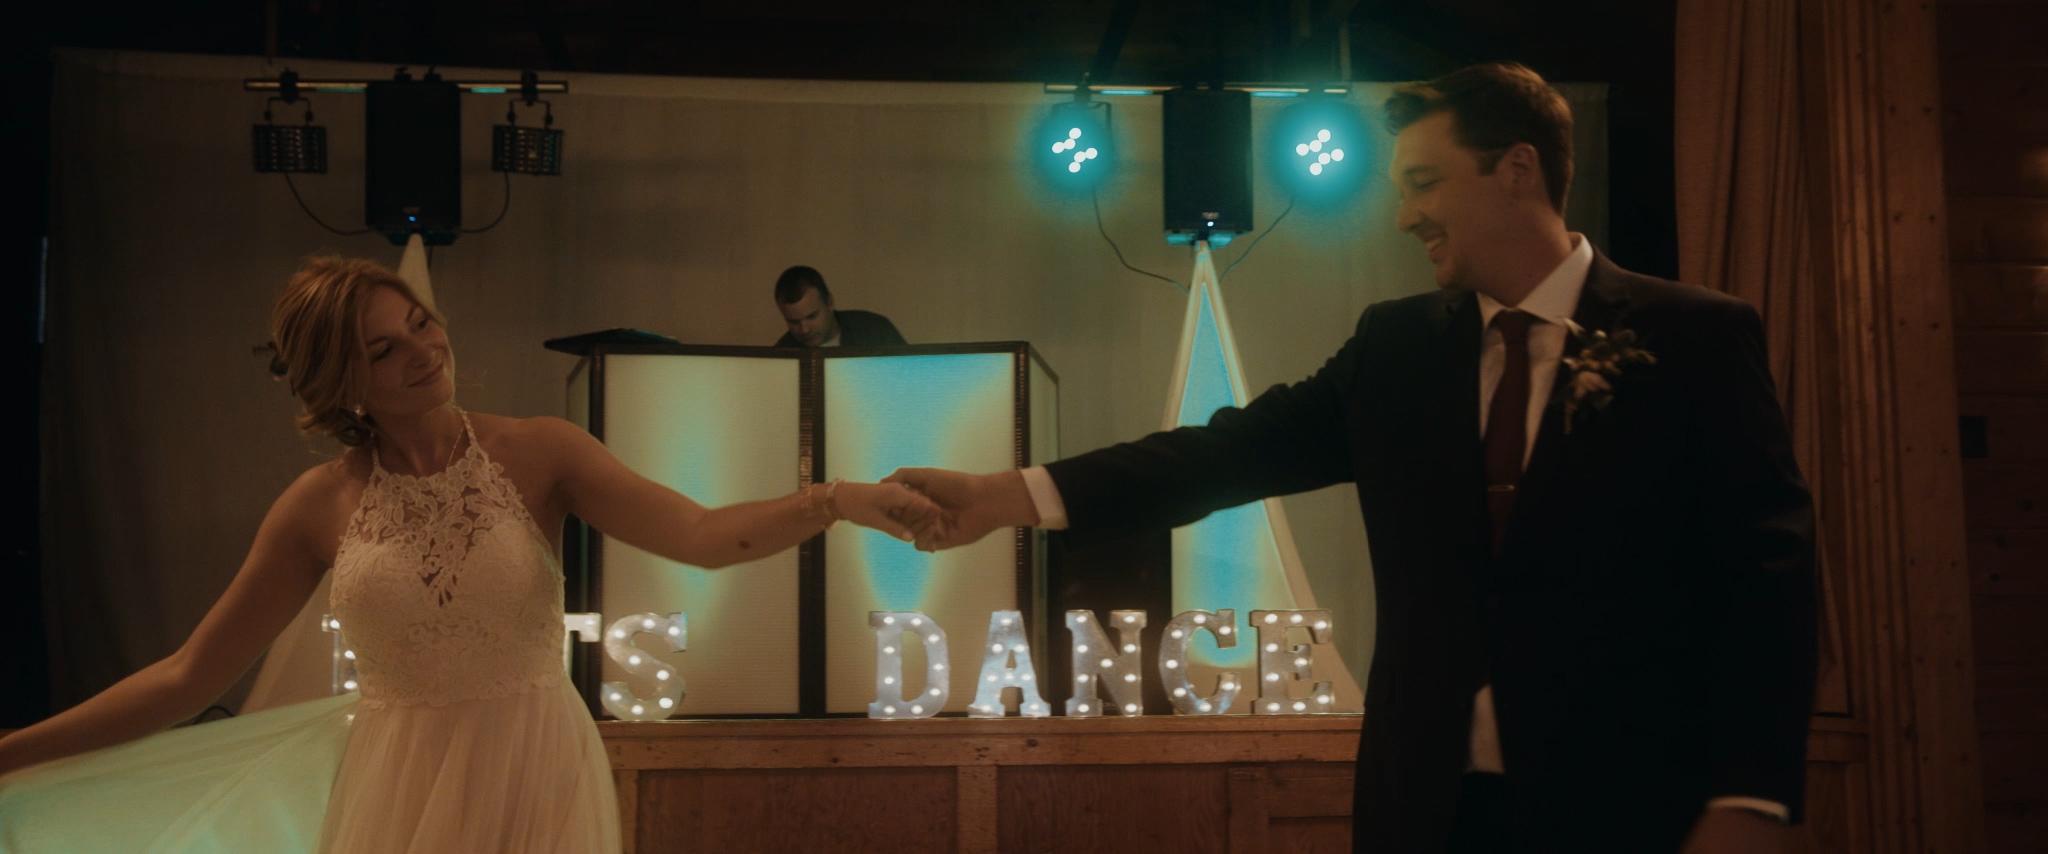 HAVENS_Wedding_Film.00_06_14_14.Still068.jpg